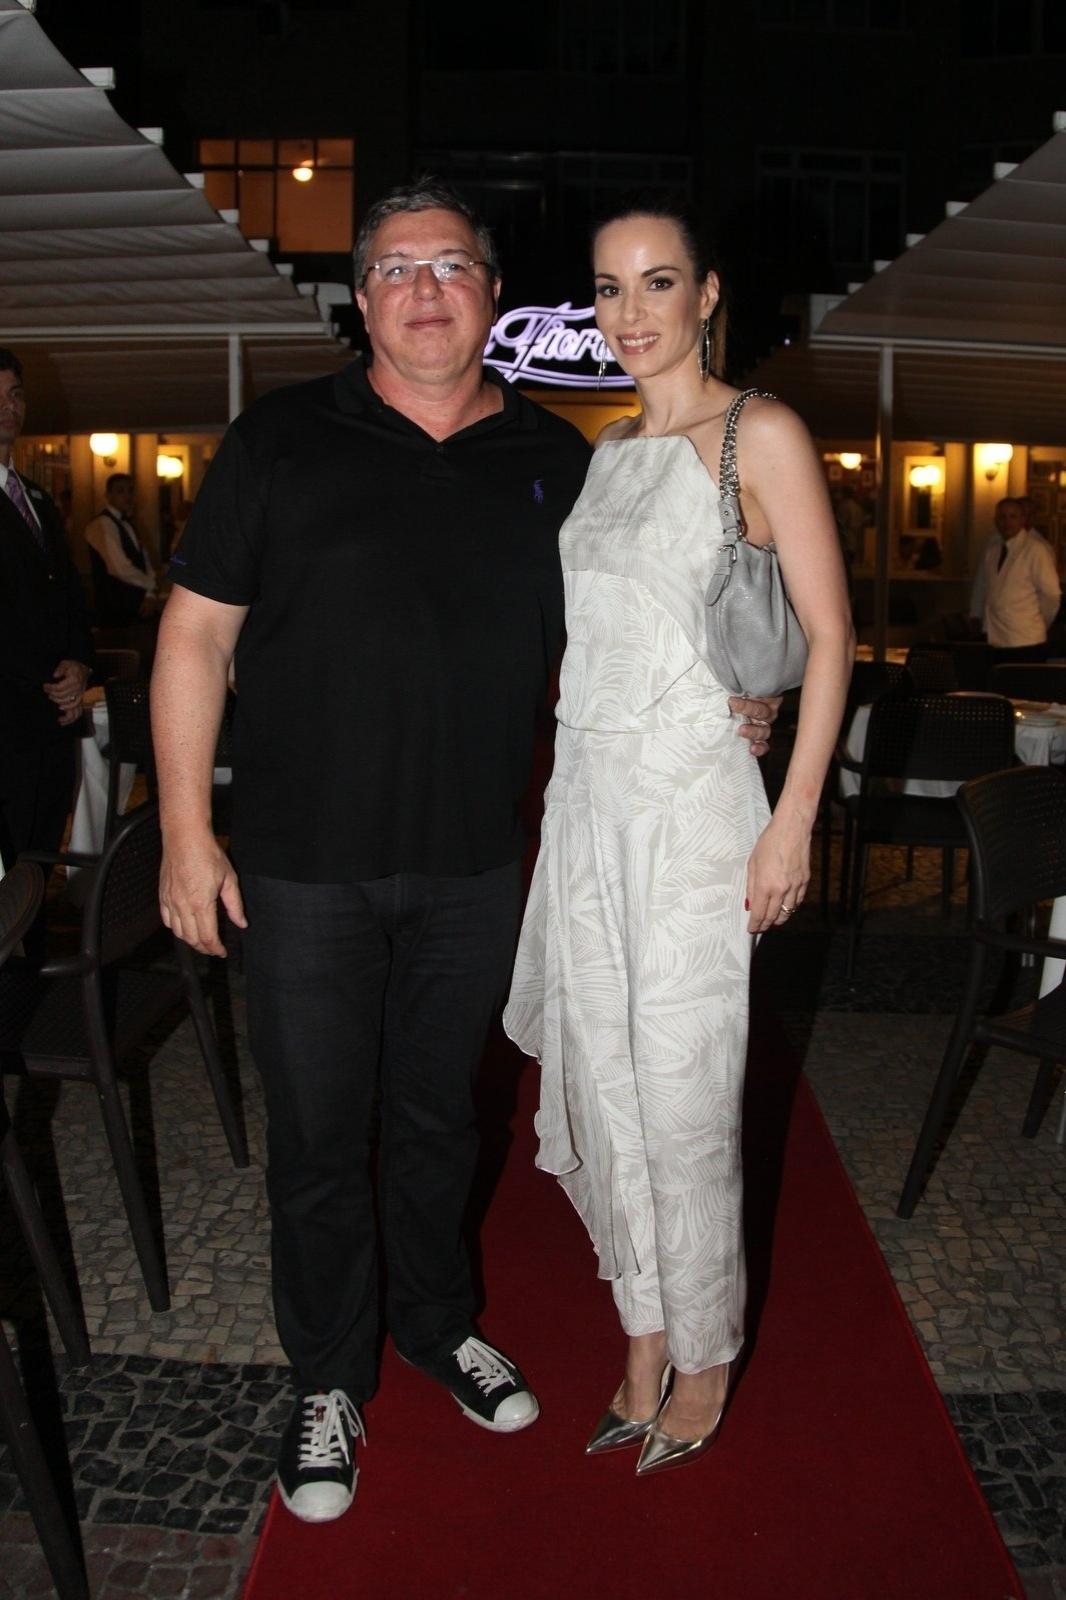 8.dez.2014 - O casal Boninho e Ana Furtado prestigia a comemoração de 79 anos de Boni que reuniu vários famosos em um restaurante em Copacabana, na zona sul do Rio de Janeiro, nesta segunda-feira